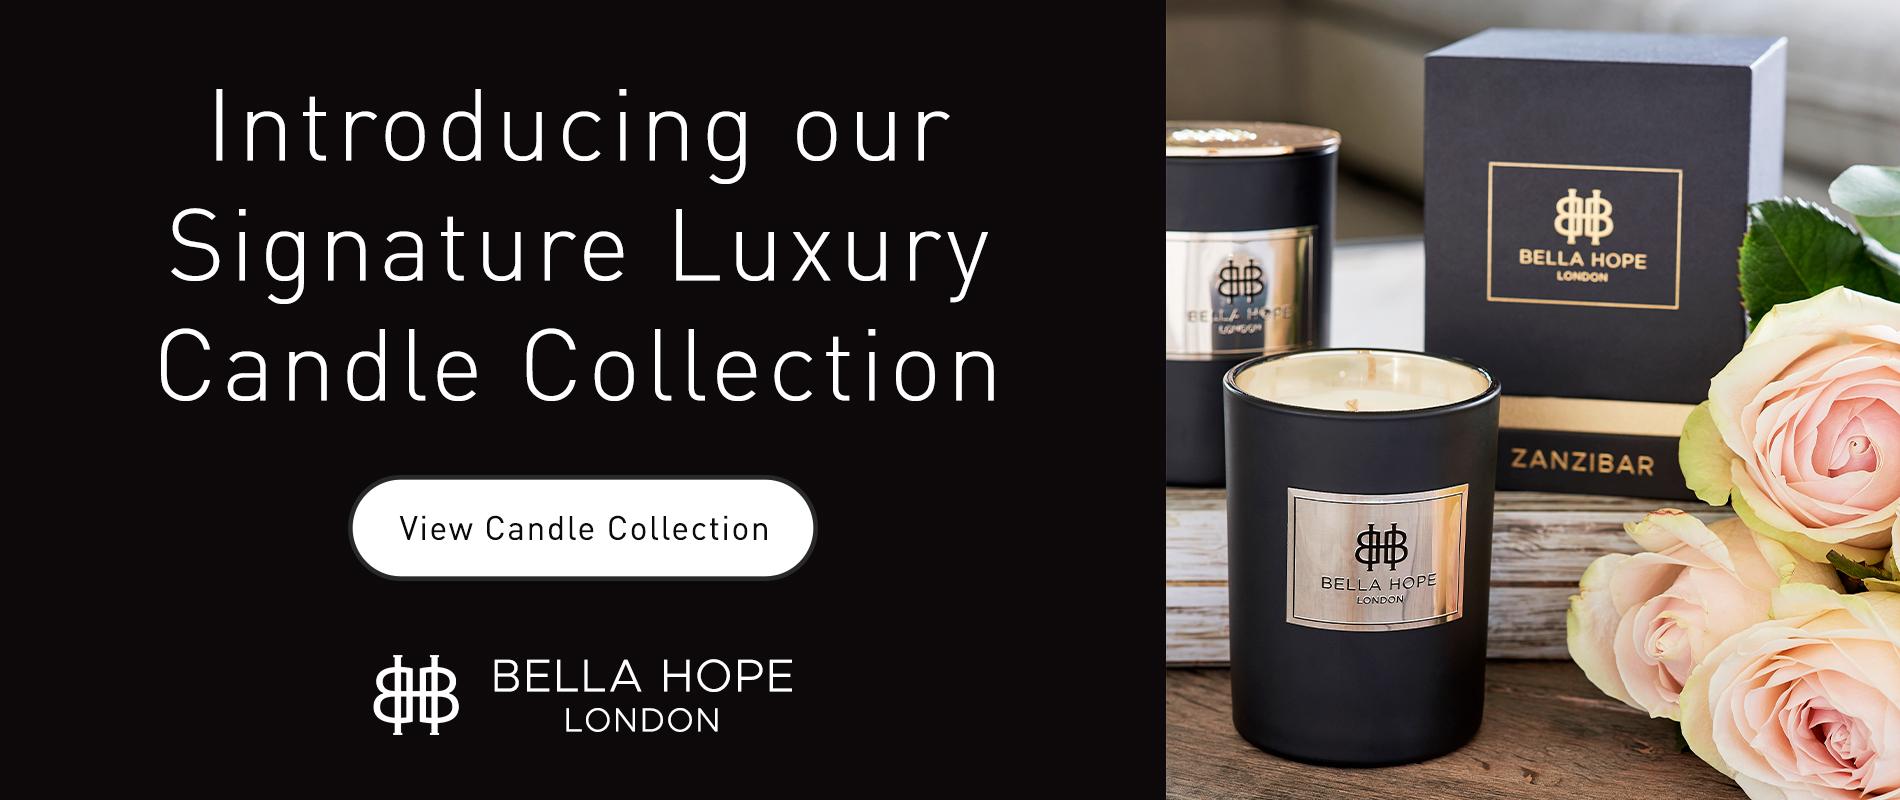 BELLA HOPE LONDON